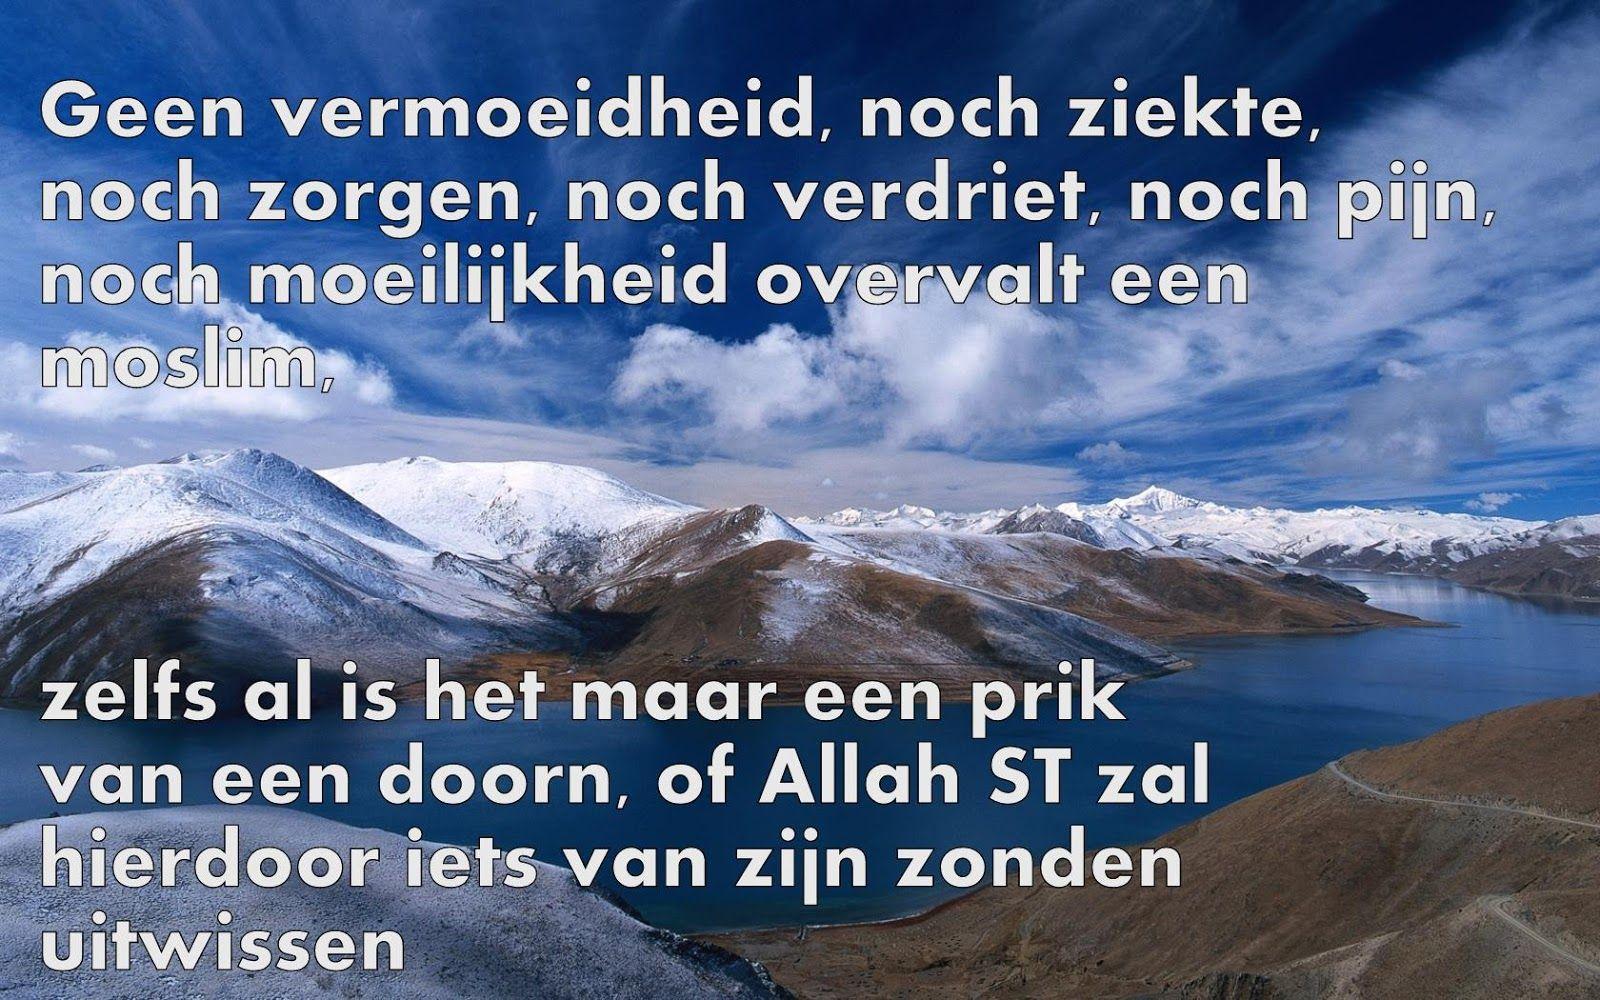 Koran Citaten : Citaten en wijze woorden uit de islam nederlandse quotes